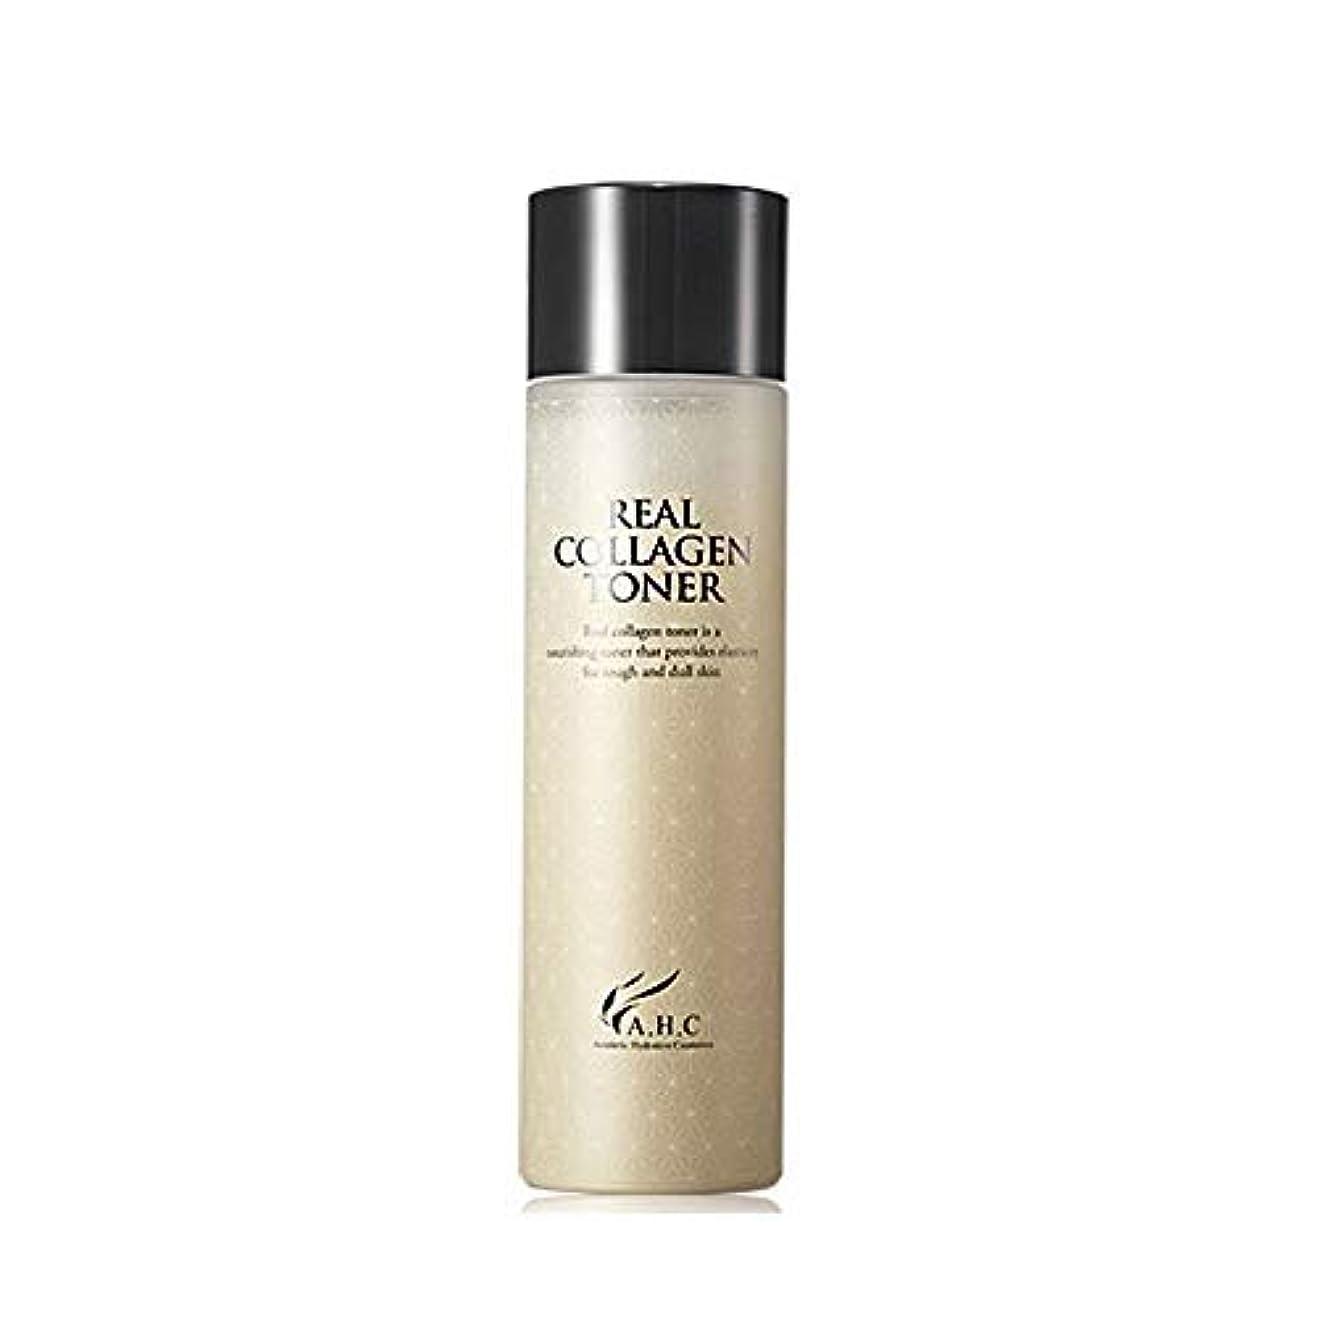 ジョセフバンクス個性競うAHC(エーエイチシー) リアルコラーゲン トナー(化粧水)140ml